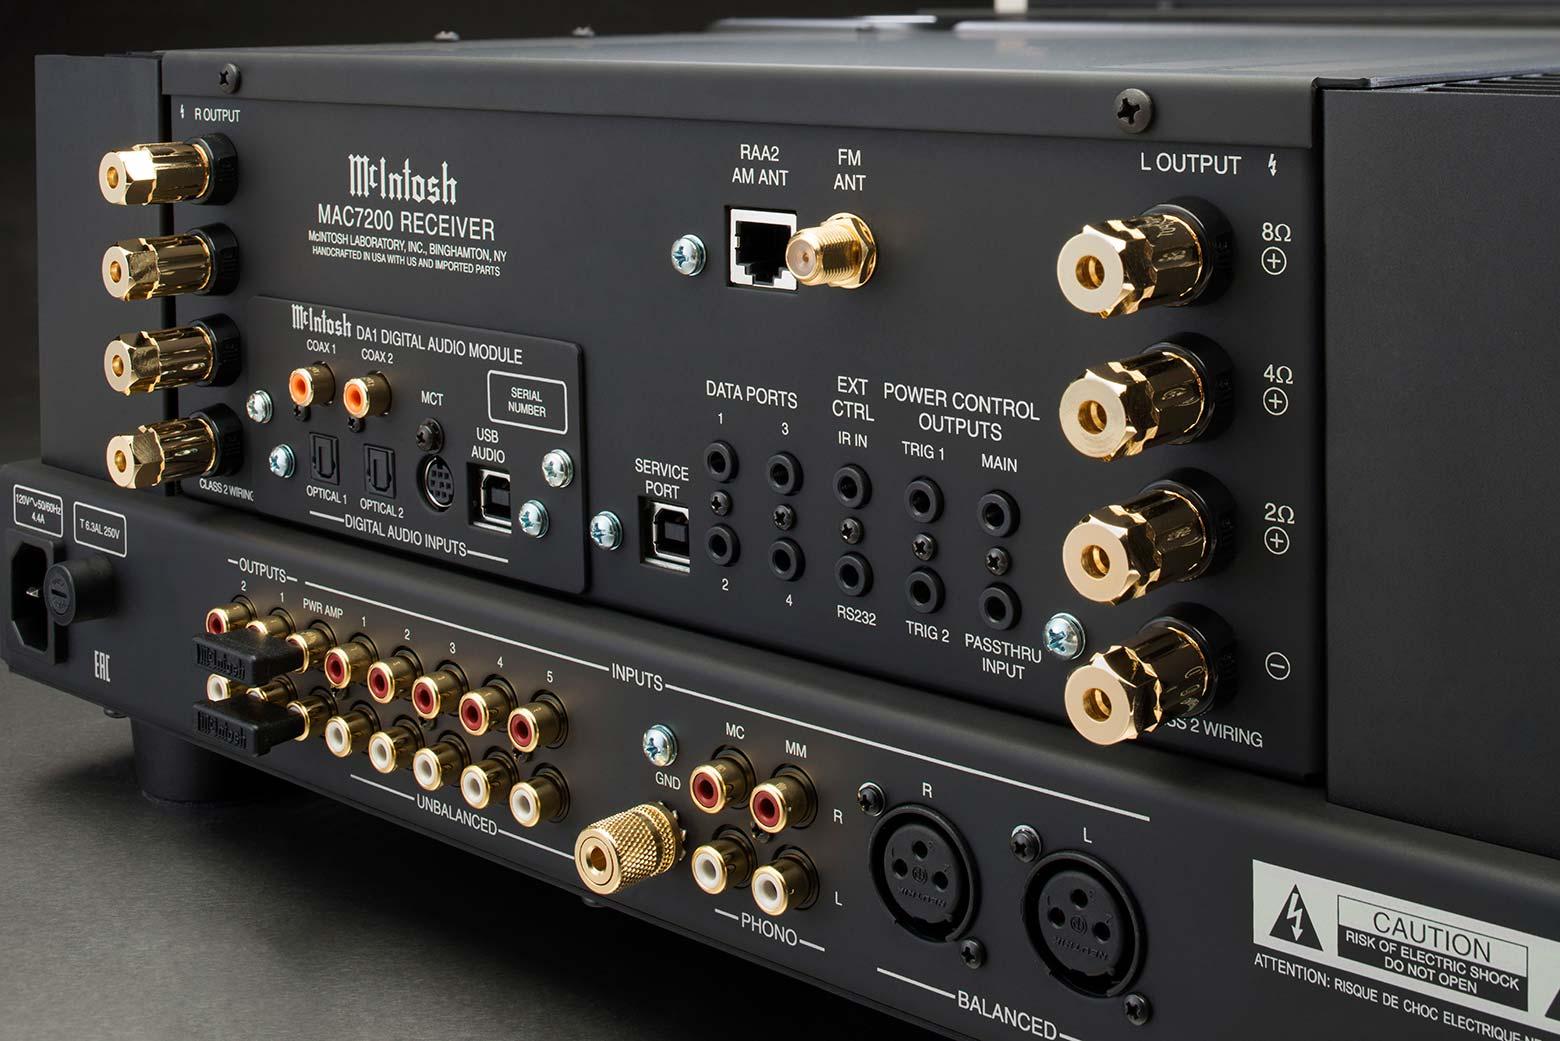 McIntosh MAC7200 Stereo Receiver